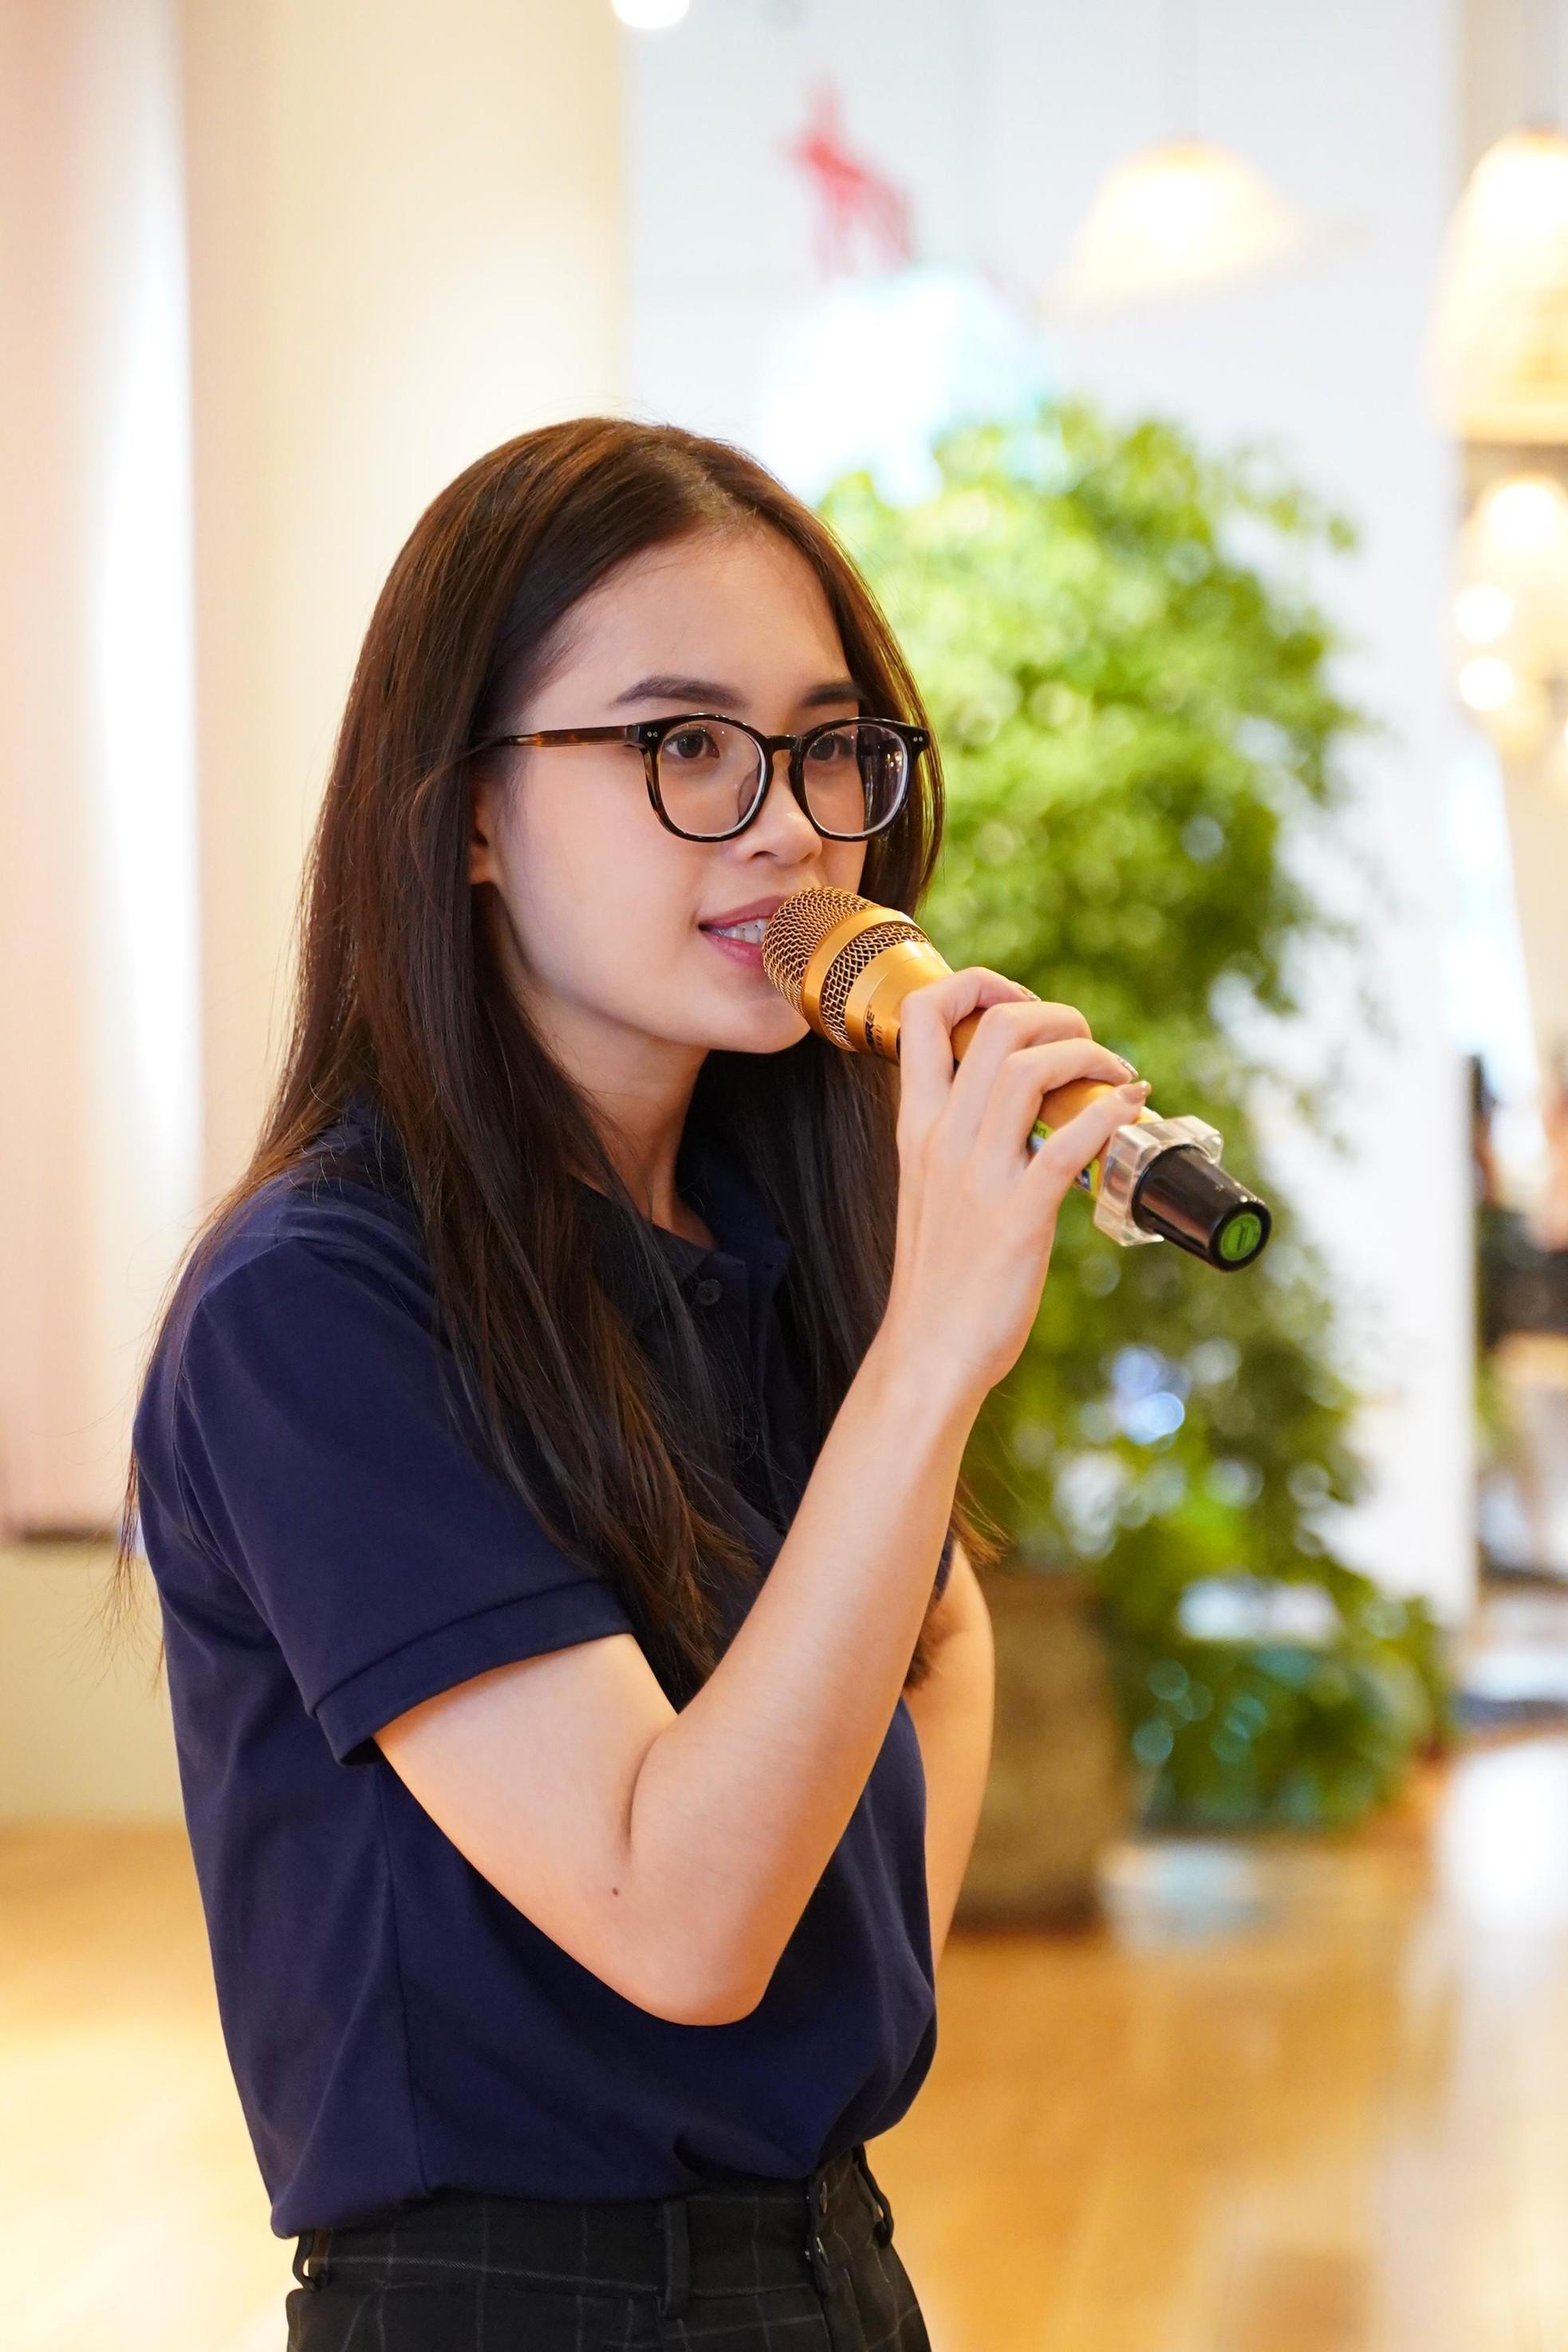 Nữ sinh Báo chí tài năng với tâm huyết xây dựng dự án giáo dục hướng nghiệp ảnh 5